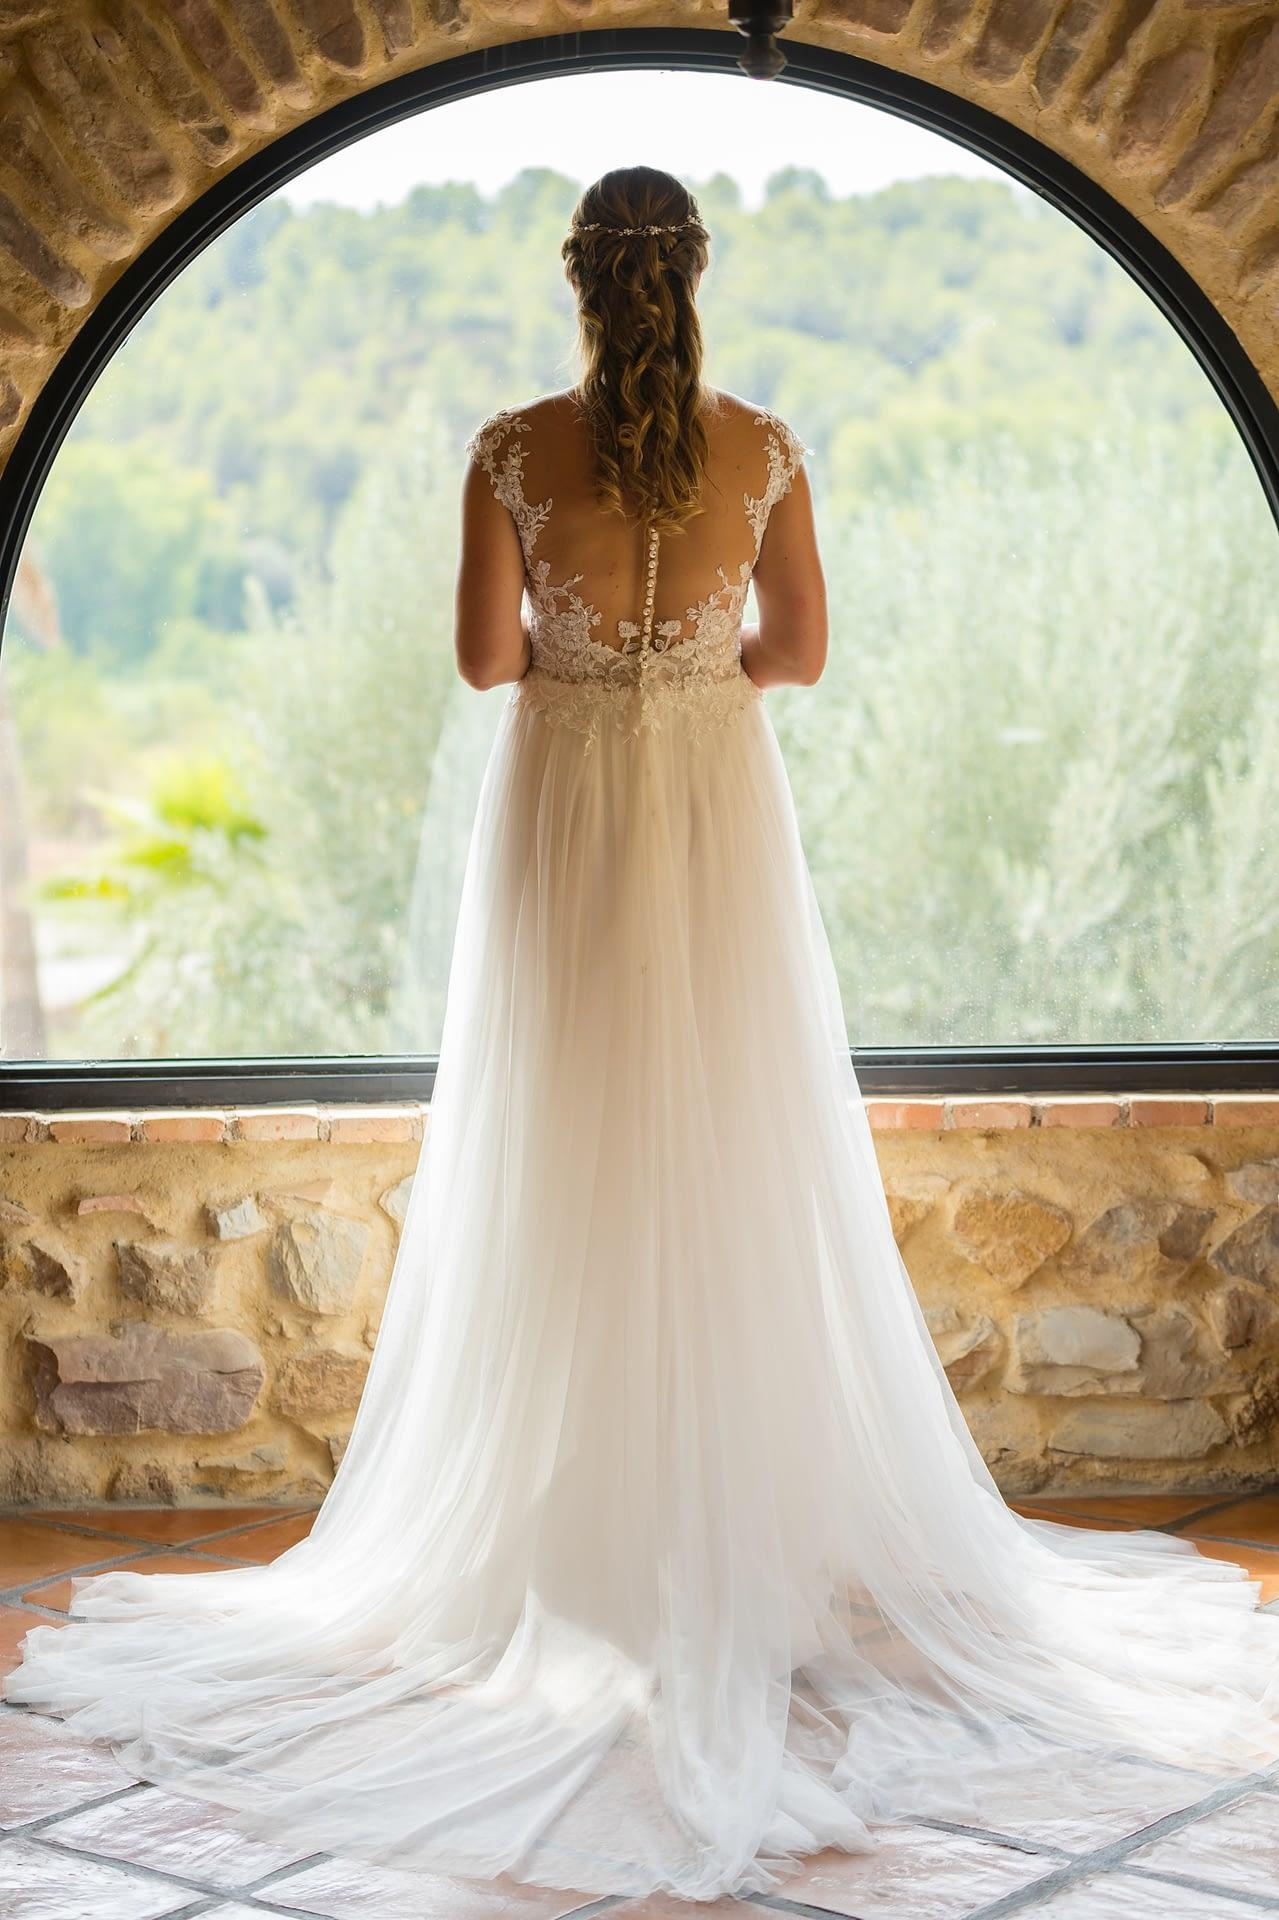 Pierluigi Cavarra - fotografo de bodas y eventos - wedding photographer costa blanca - ejemplo -36